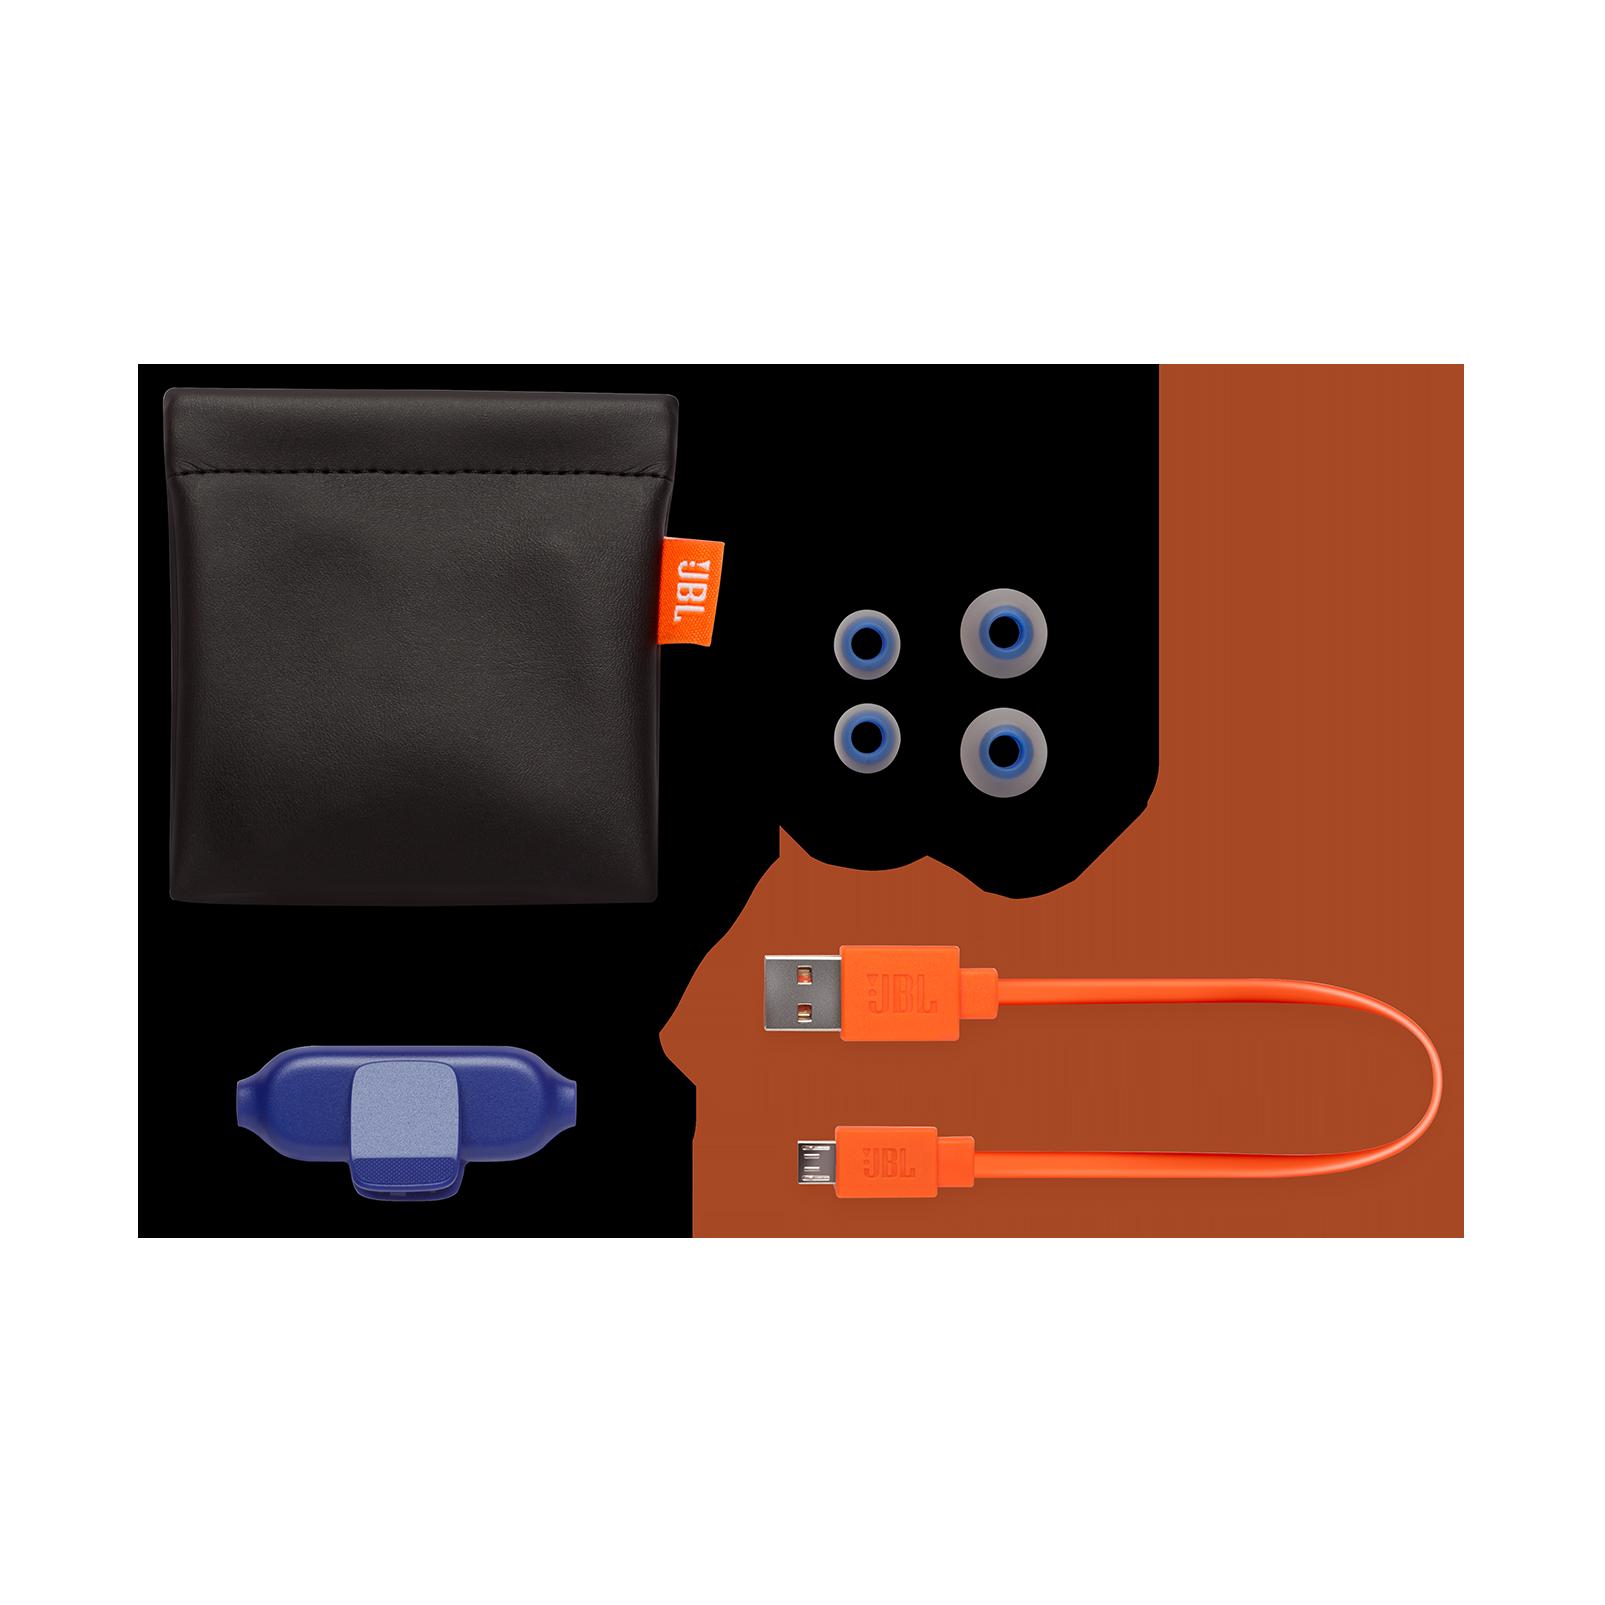 E25BT - Blue - Wireless in-ear headphones - Detailshot 4